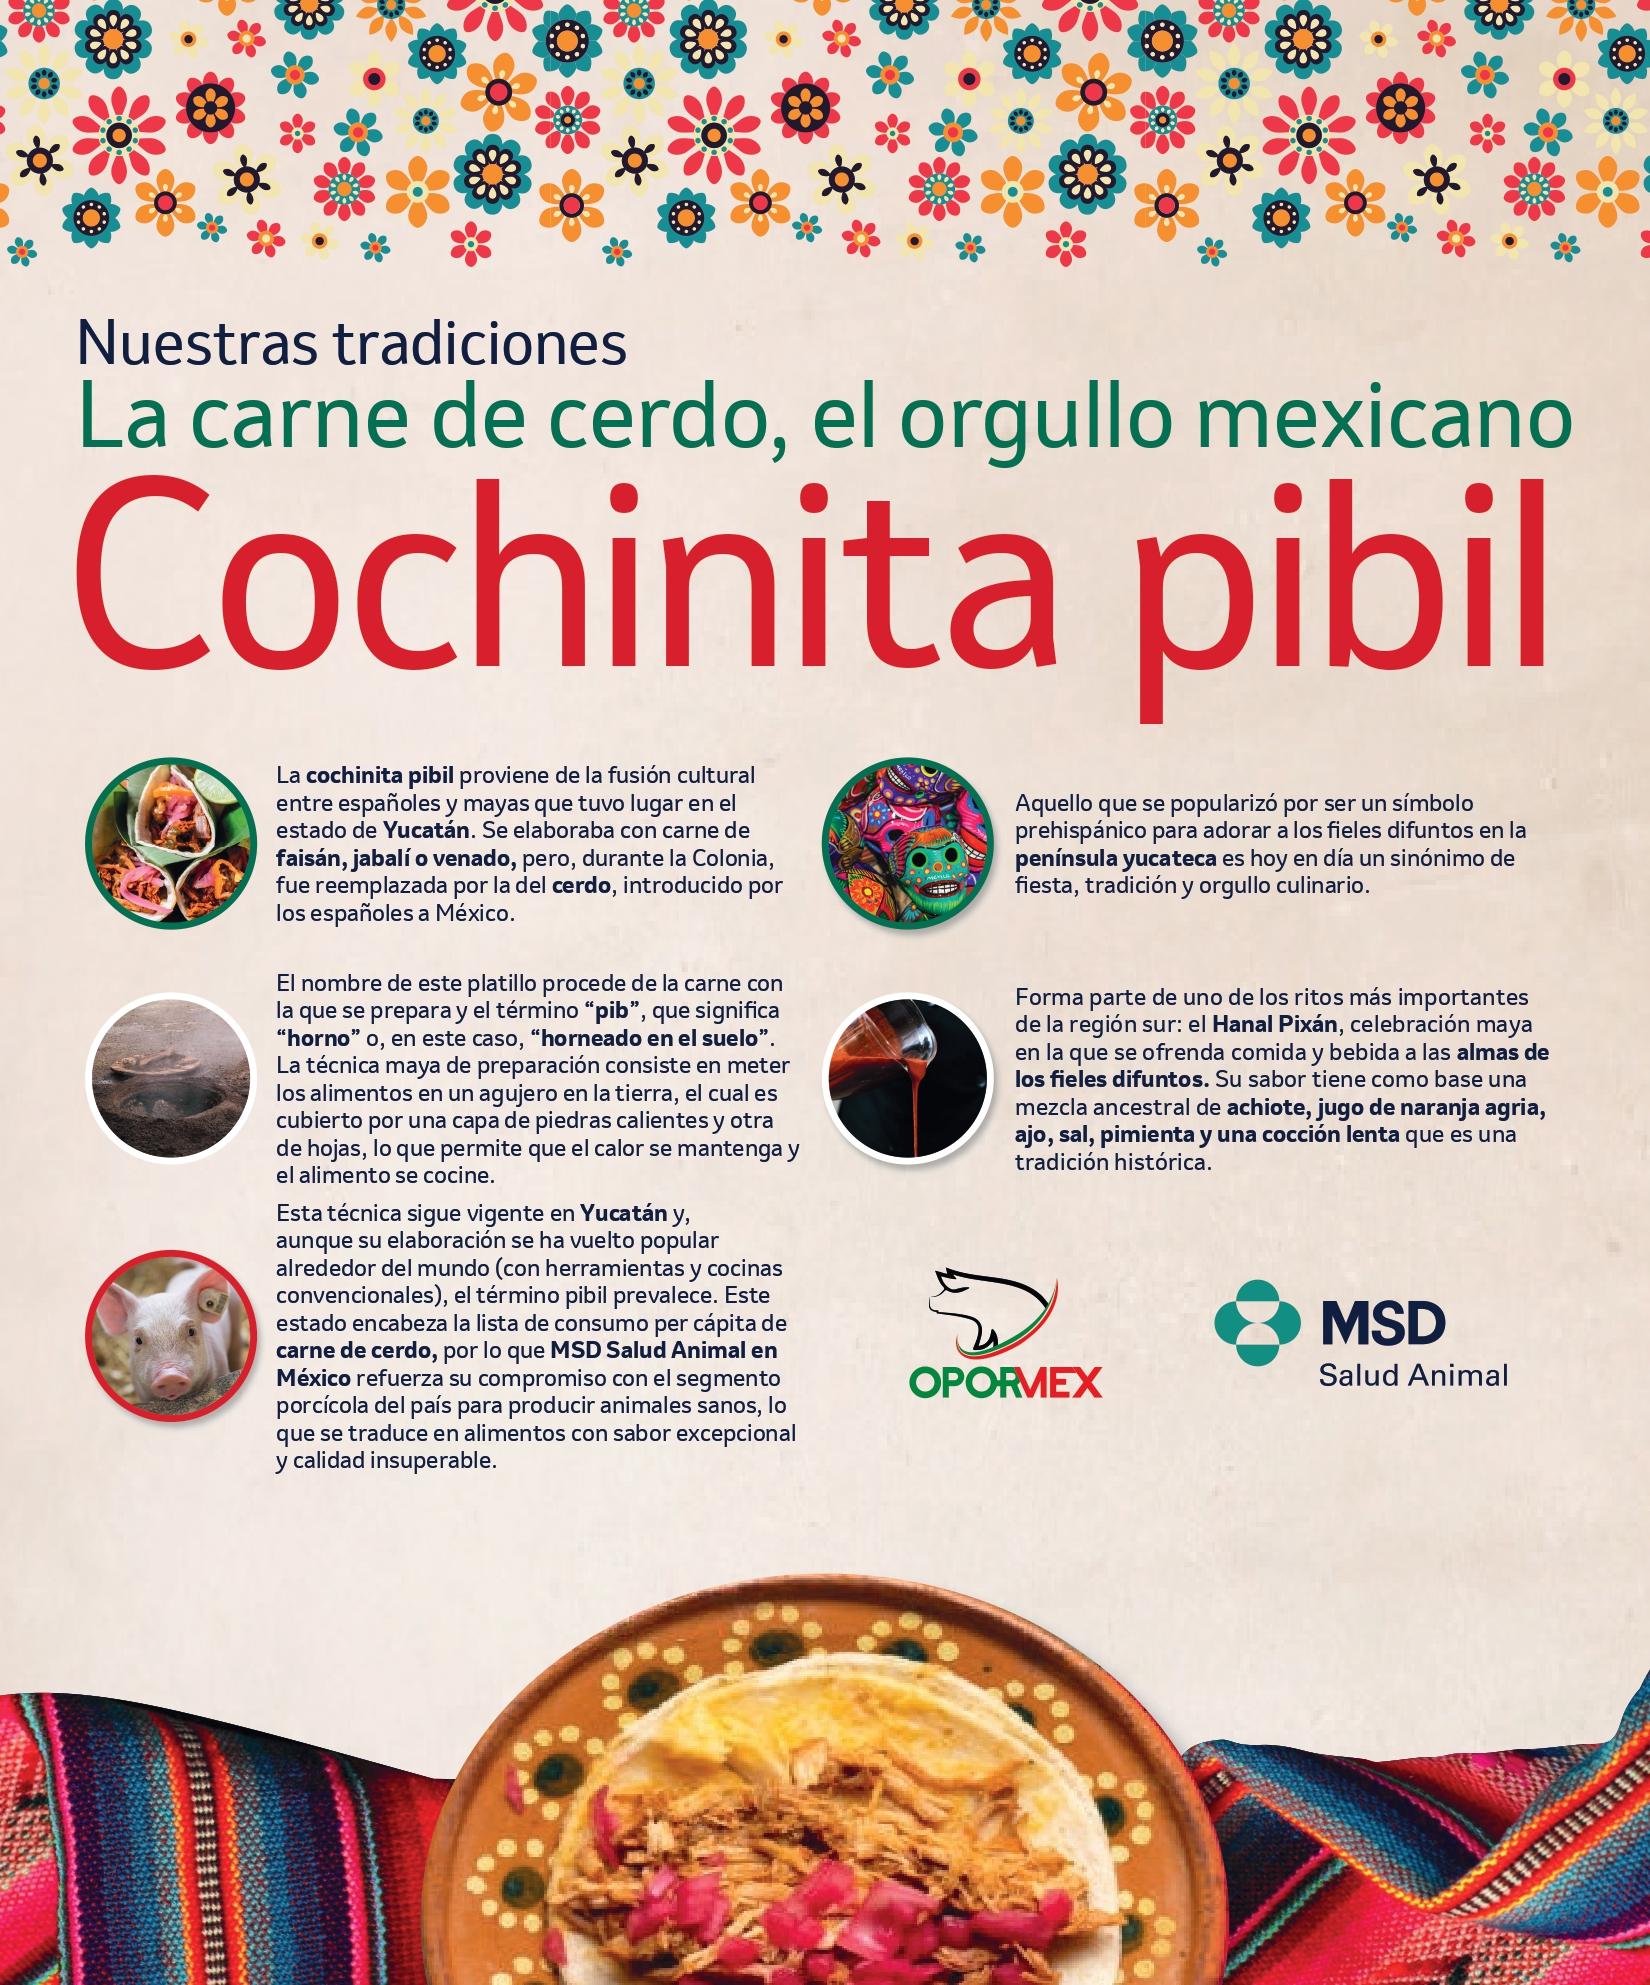 Celebra el día de la cochinita y disfruta de un platillo mexicano de fama internacional